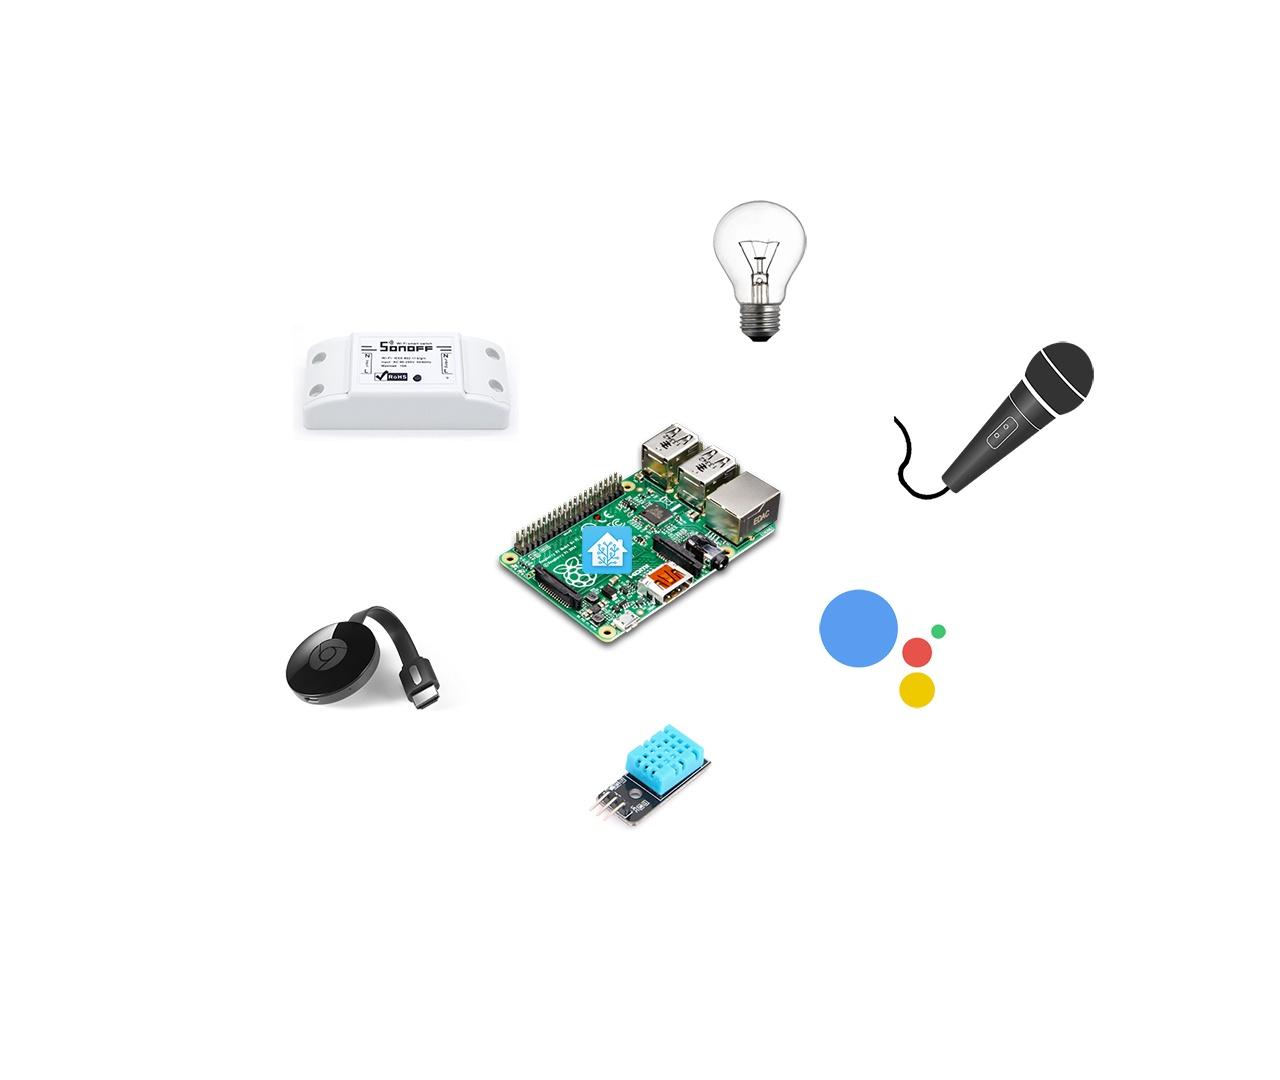 [GUIDA – Parte 3] Esperienza Fai Da Te di domotica: esempi aggiunta prodotti smart e attivazione MQTT su Home Assistant